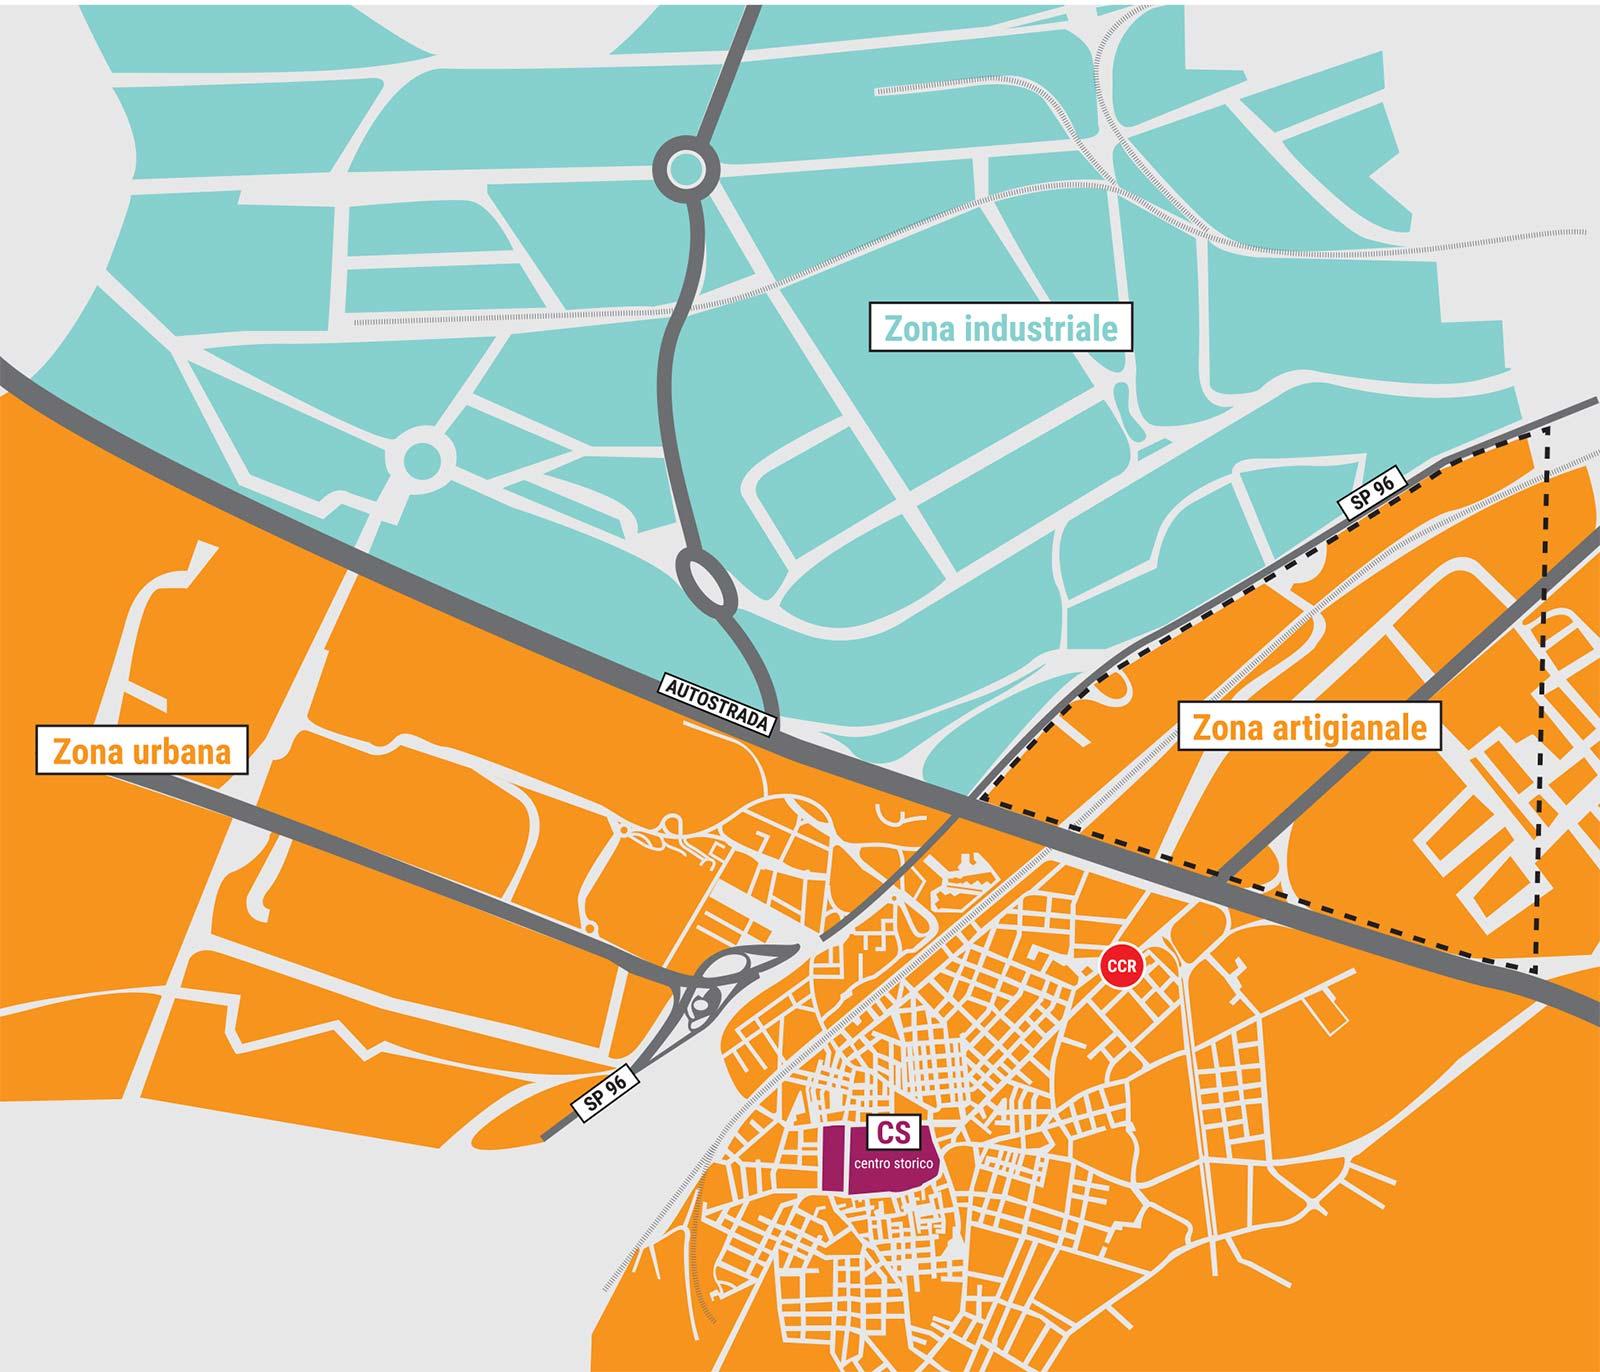 Aziende Modugno Zona Industriale modugno   aroba2